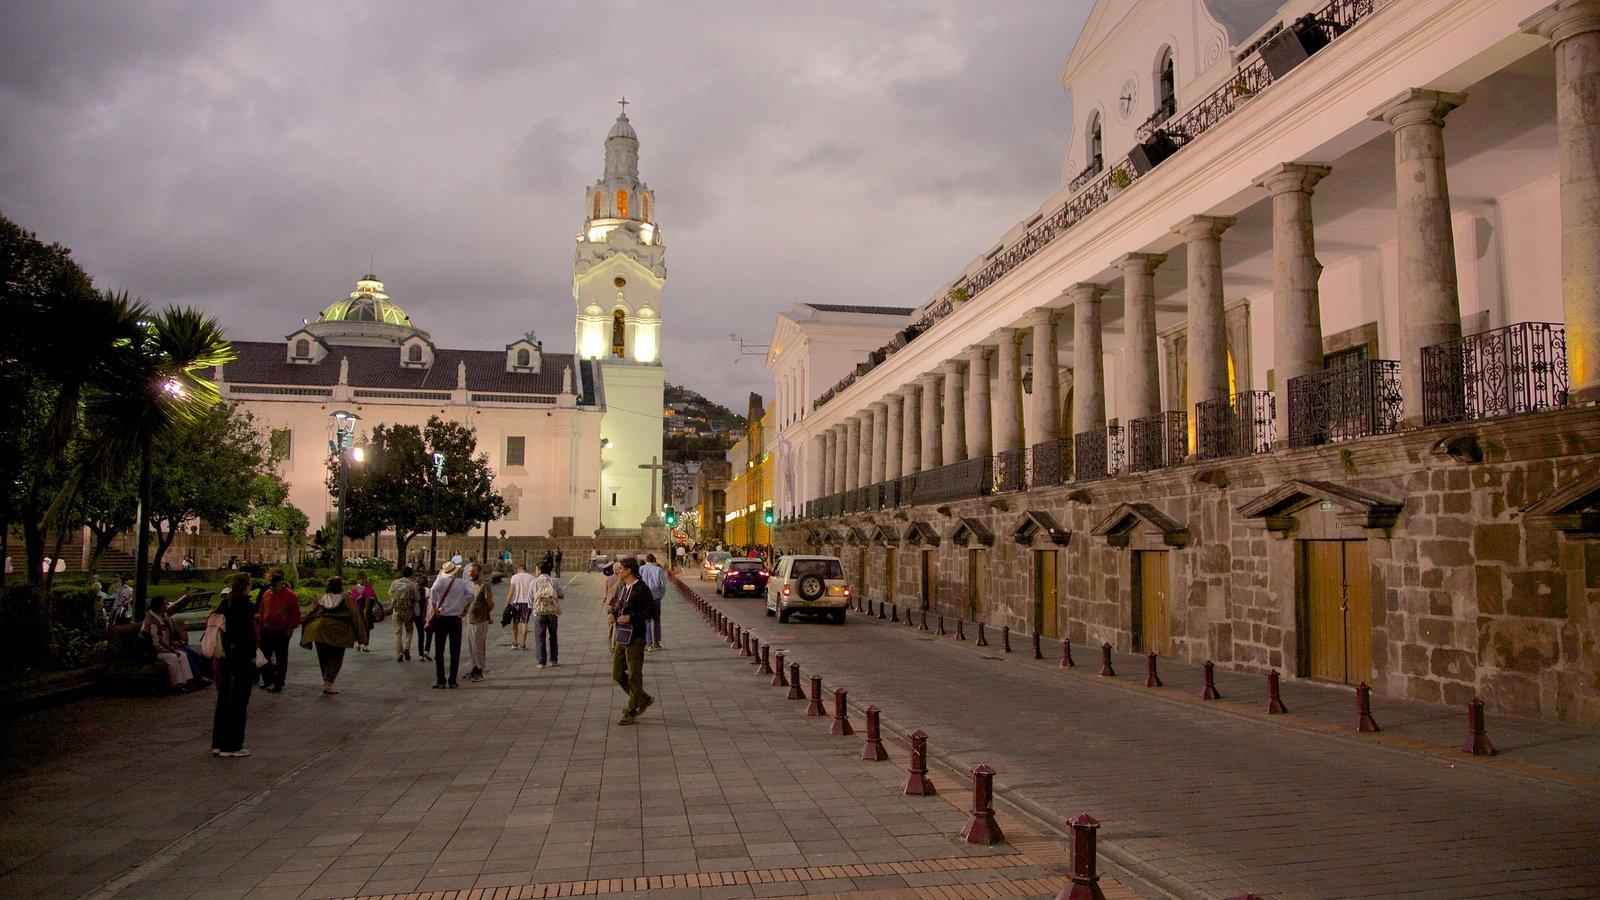 Catedral de Quito que inclui cenas noturnas e cenas de rua assim como um grande grupo de pessoas